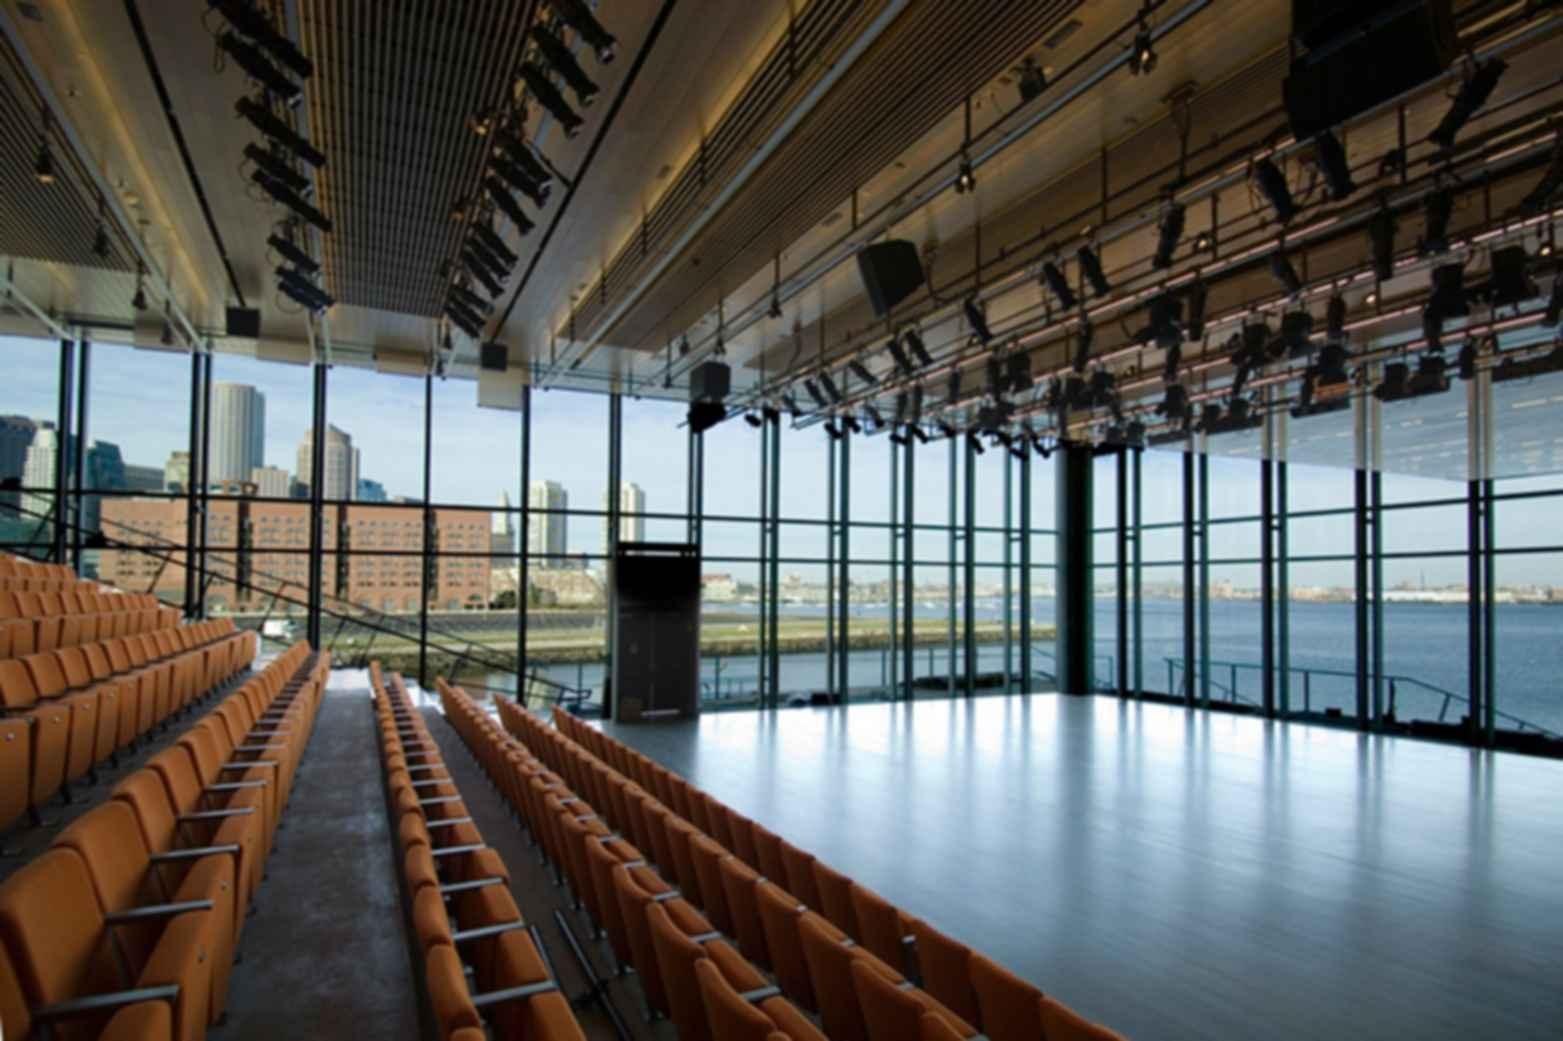 Institute of Contemporary Art, Boston - Interior